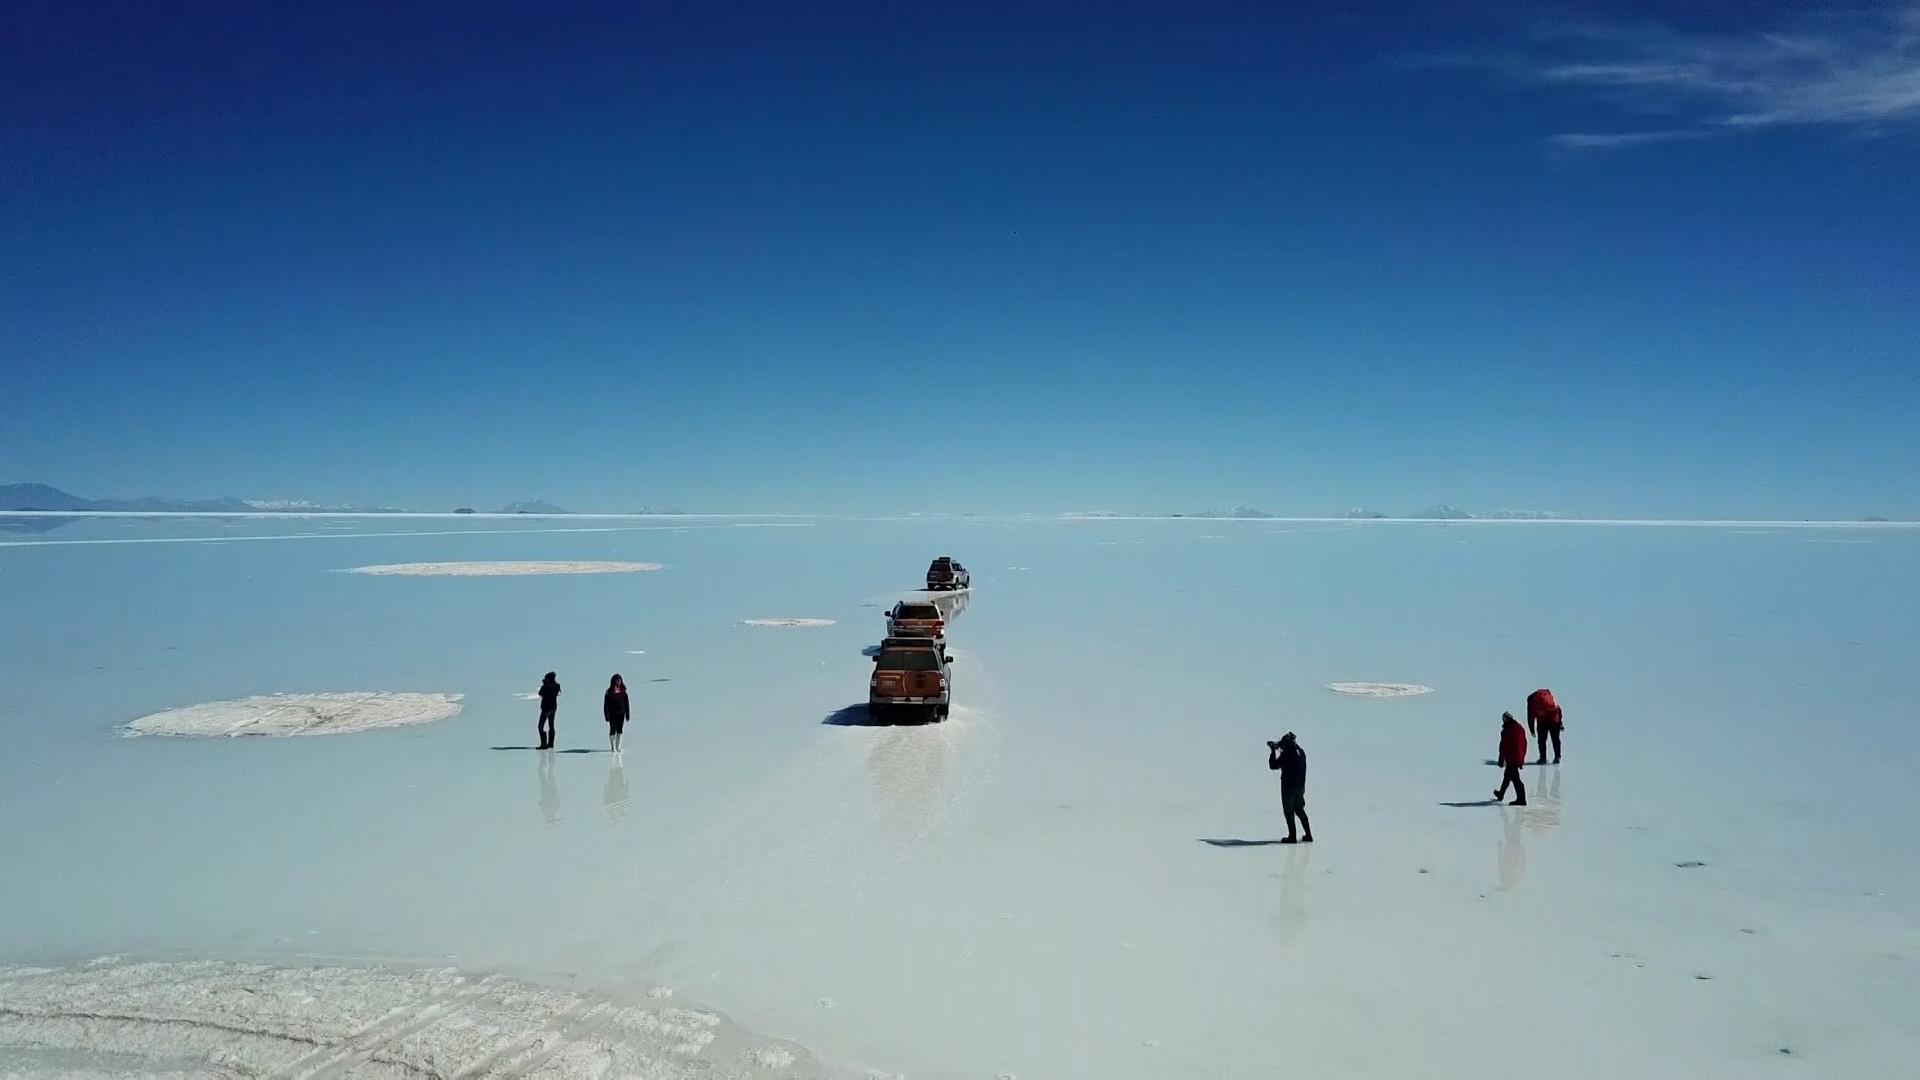 Veja imagens incríveis do maior deserto de sal do mundo: Salar de Uyuni